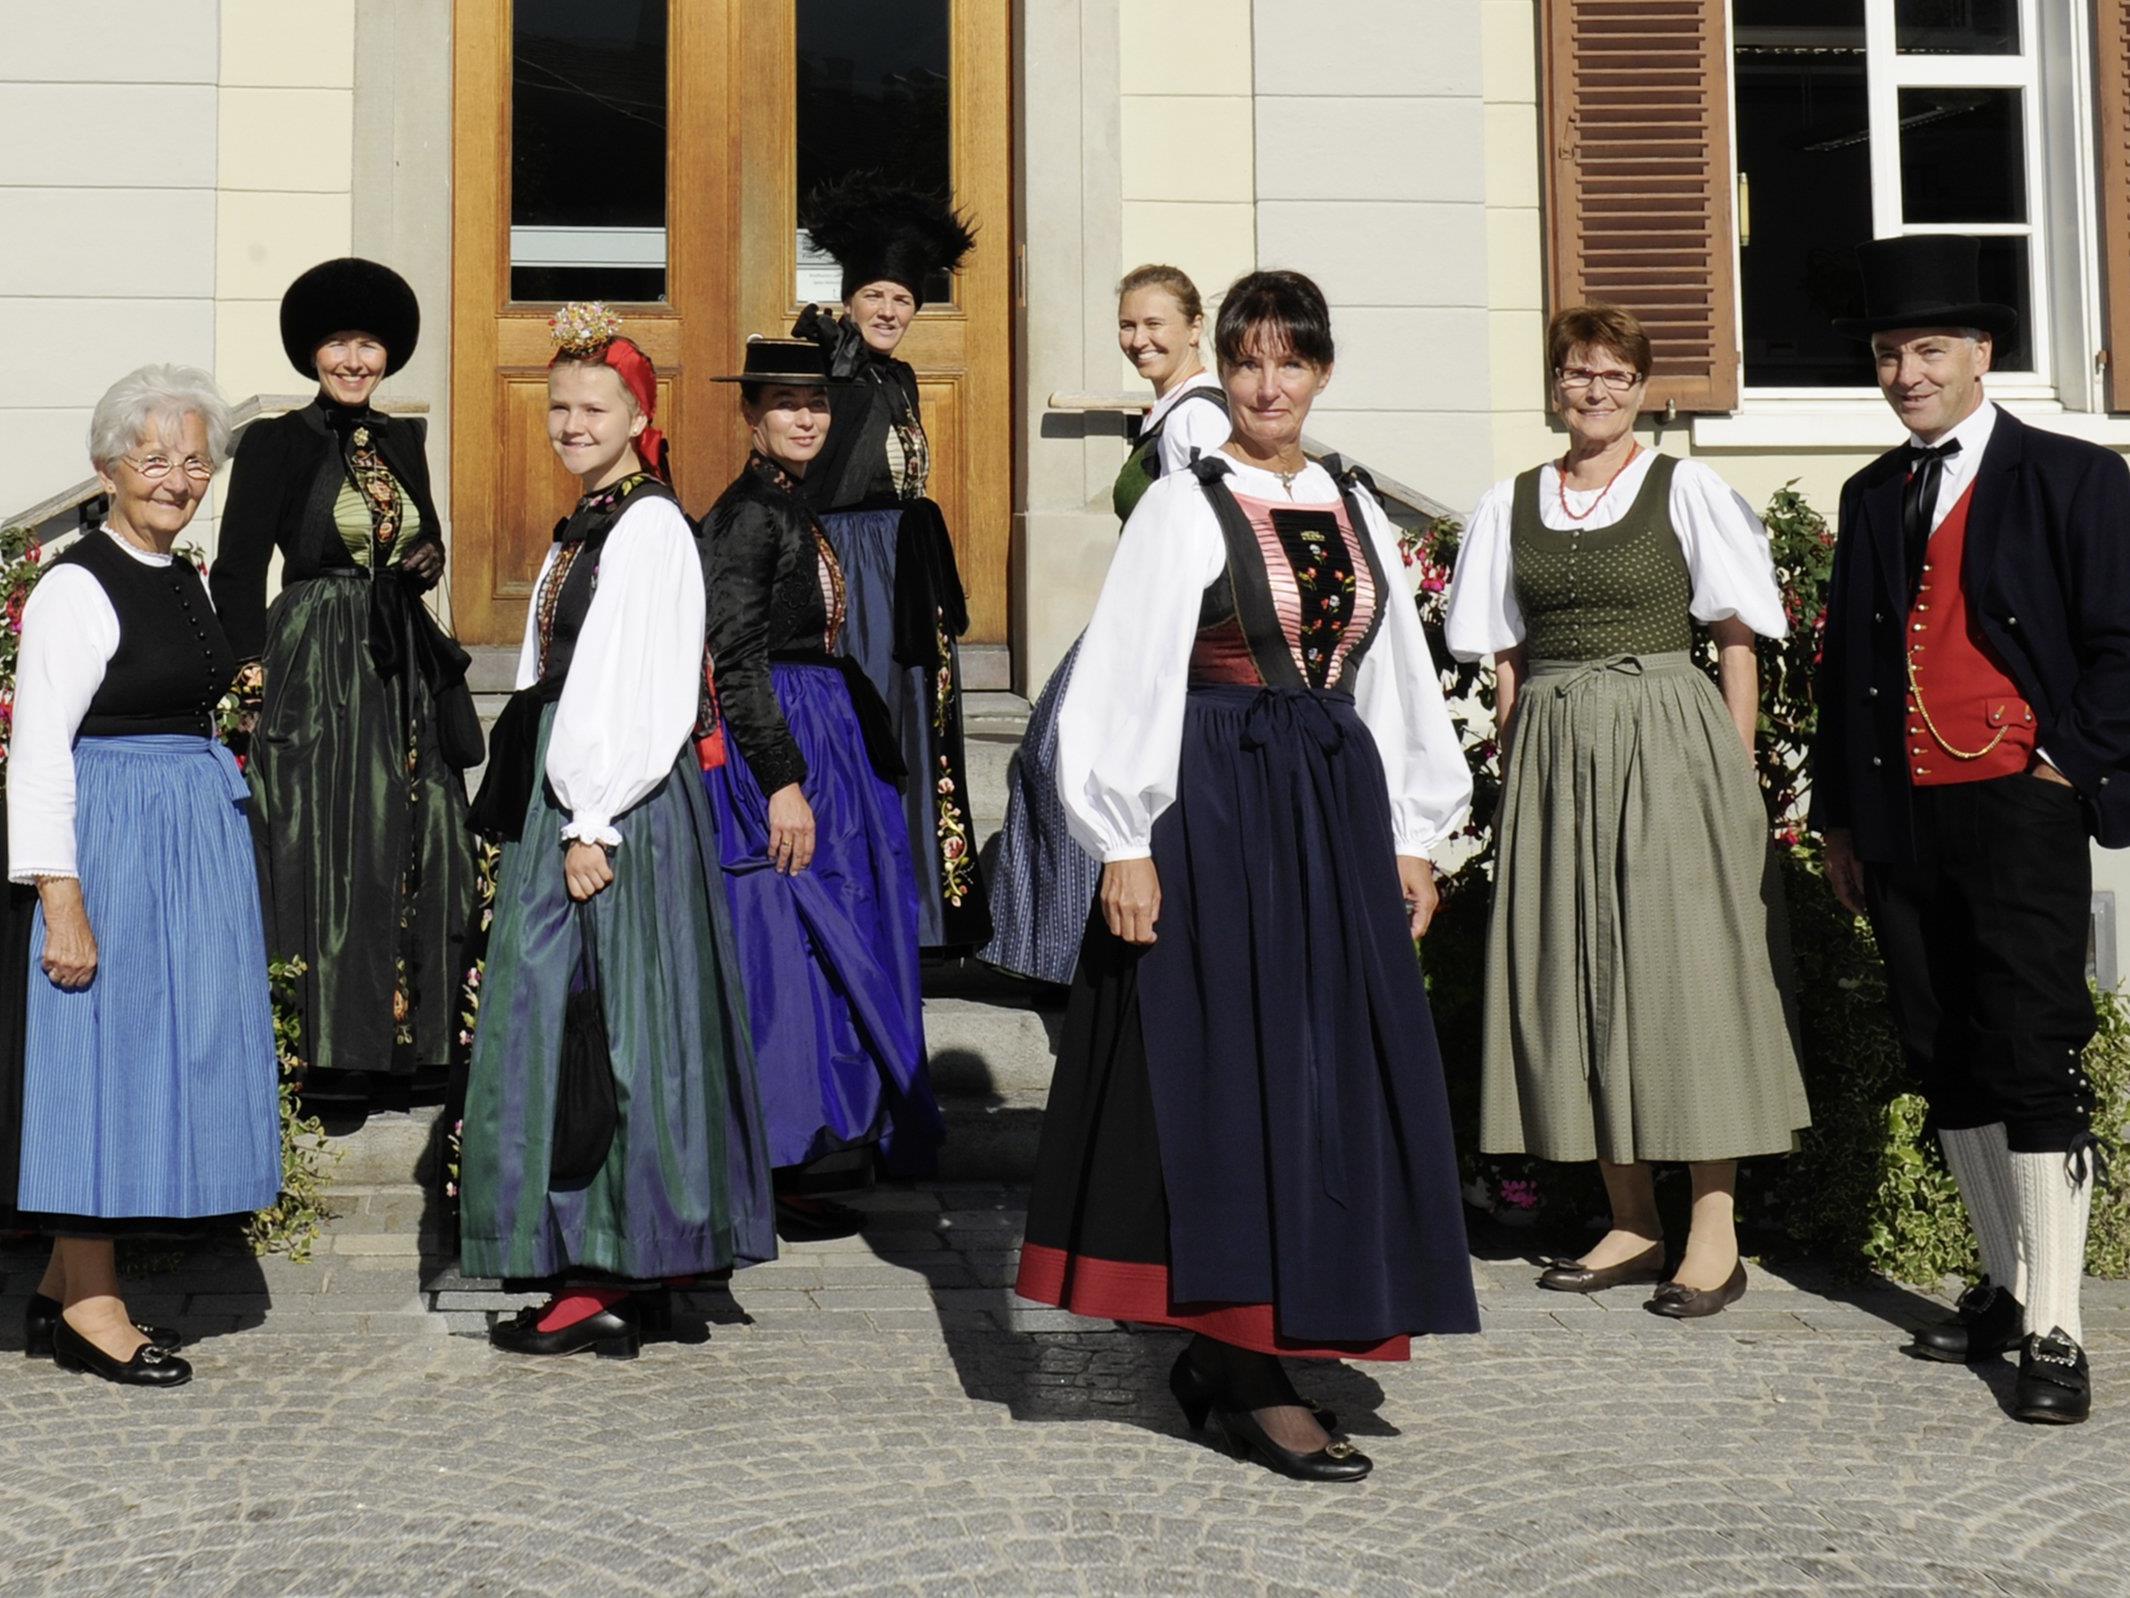 """Die Vielfalt der Montafoner Trachten ist vielen nicht bewusst. Links außen ist das wenig bekannte """"Wärchtigjüpple"""" zu sehen, das von den MitarbeiterInnen der Montafoner Tourismusbüros seit kurzem getragen wird."""